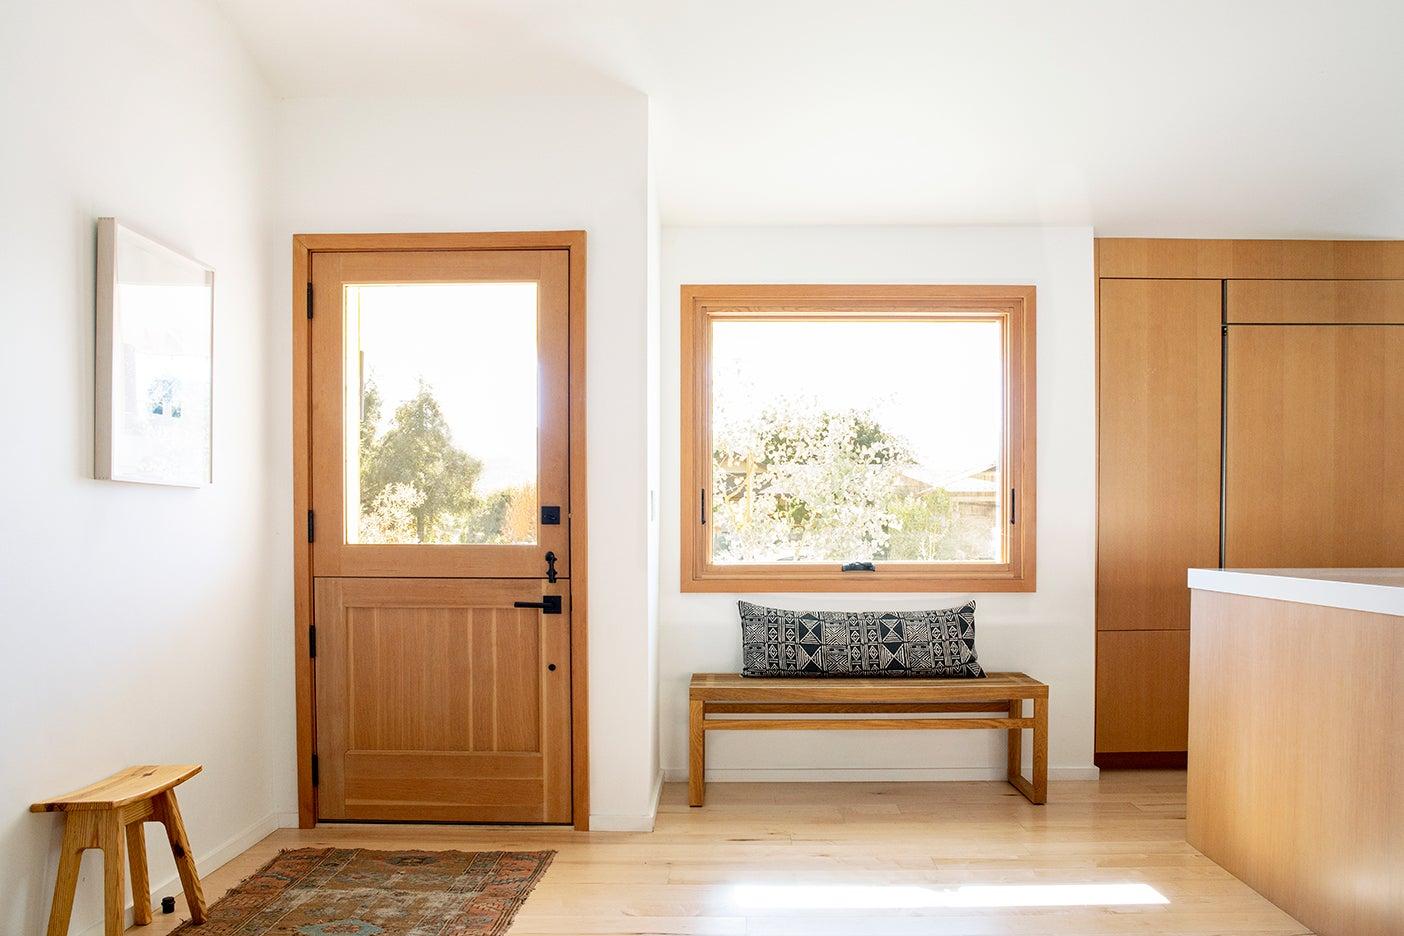 dutch door next to big window